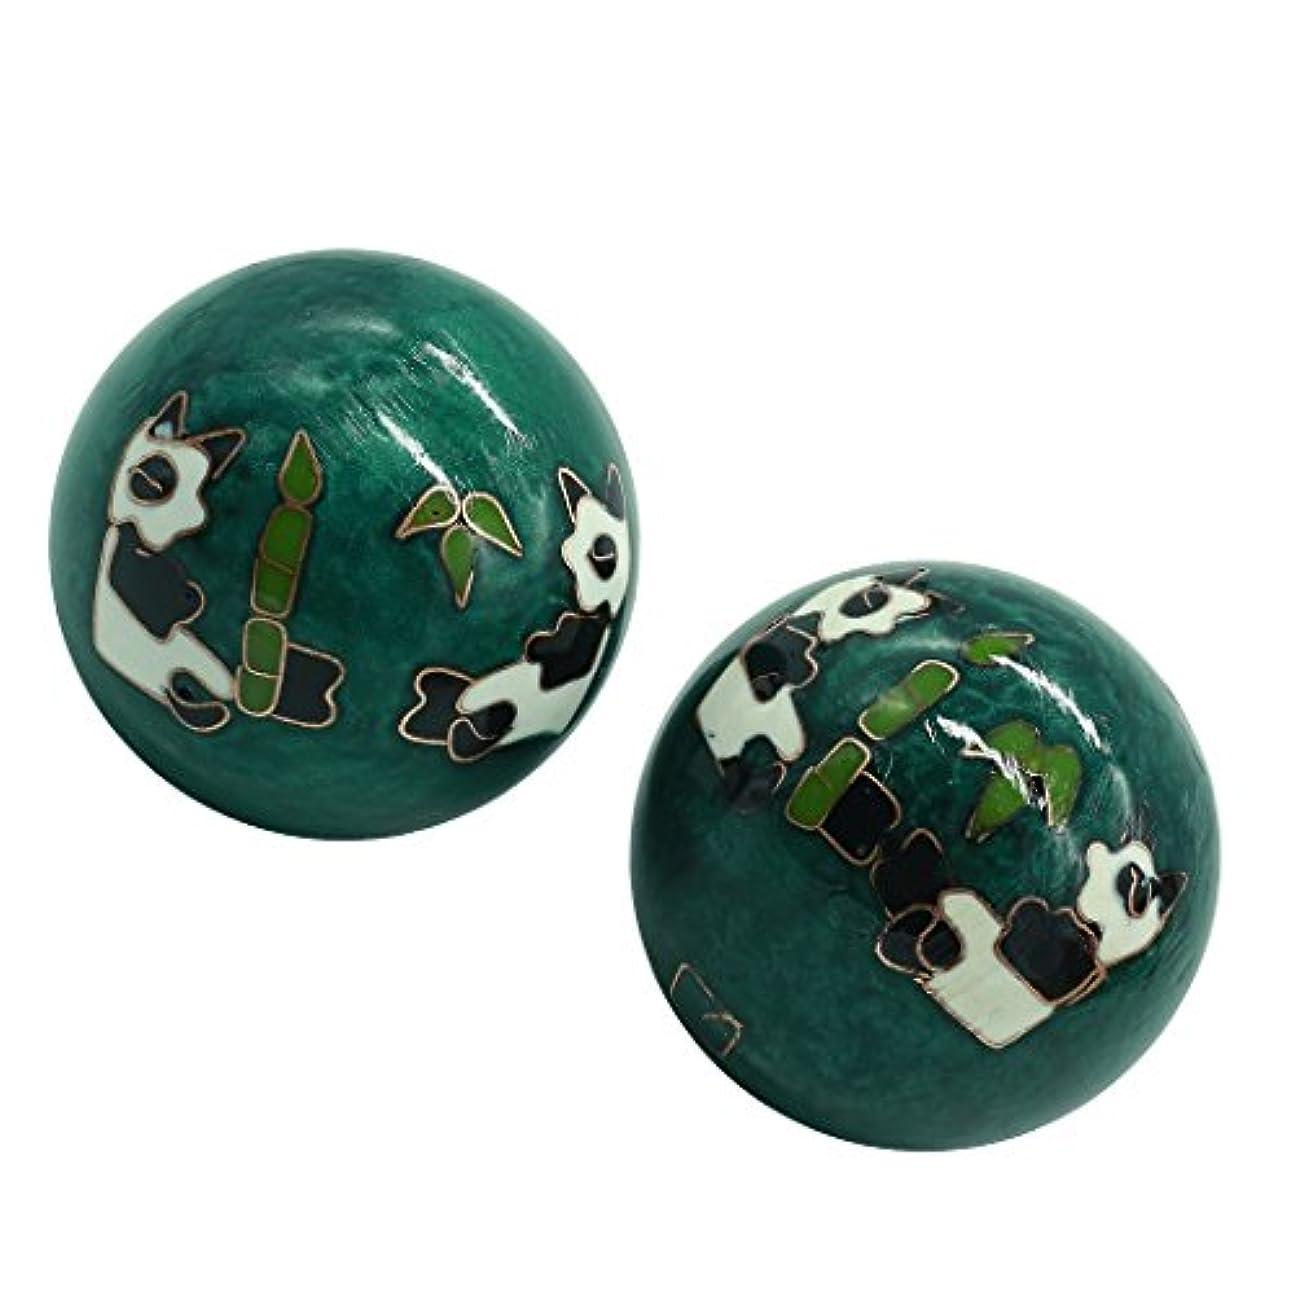 パンサーエラーフェミニン風水グッズ 健康球 健身球 脳 活性 ストレス トレーニング器具 手の機能回復 2個 パンダ (グリーン, 50mm) INB171